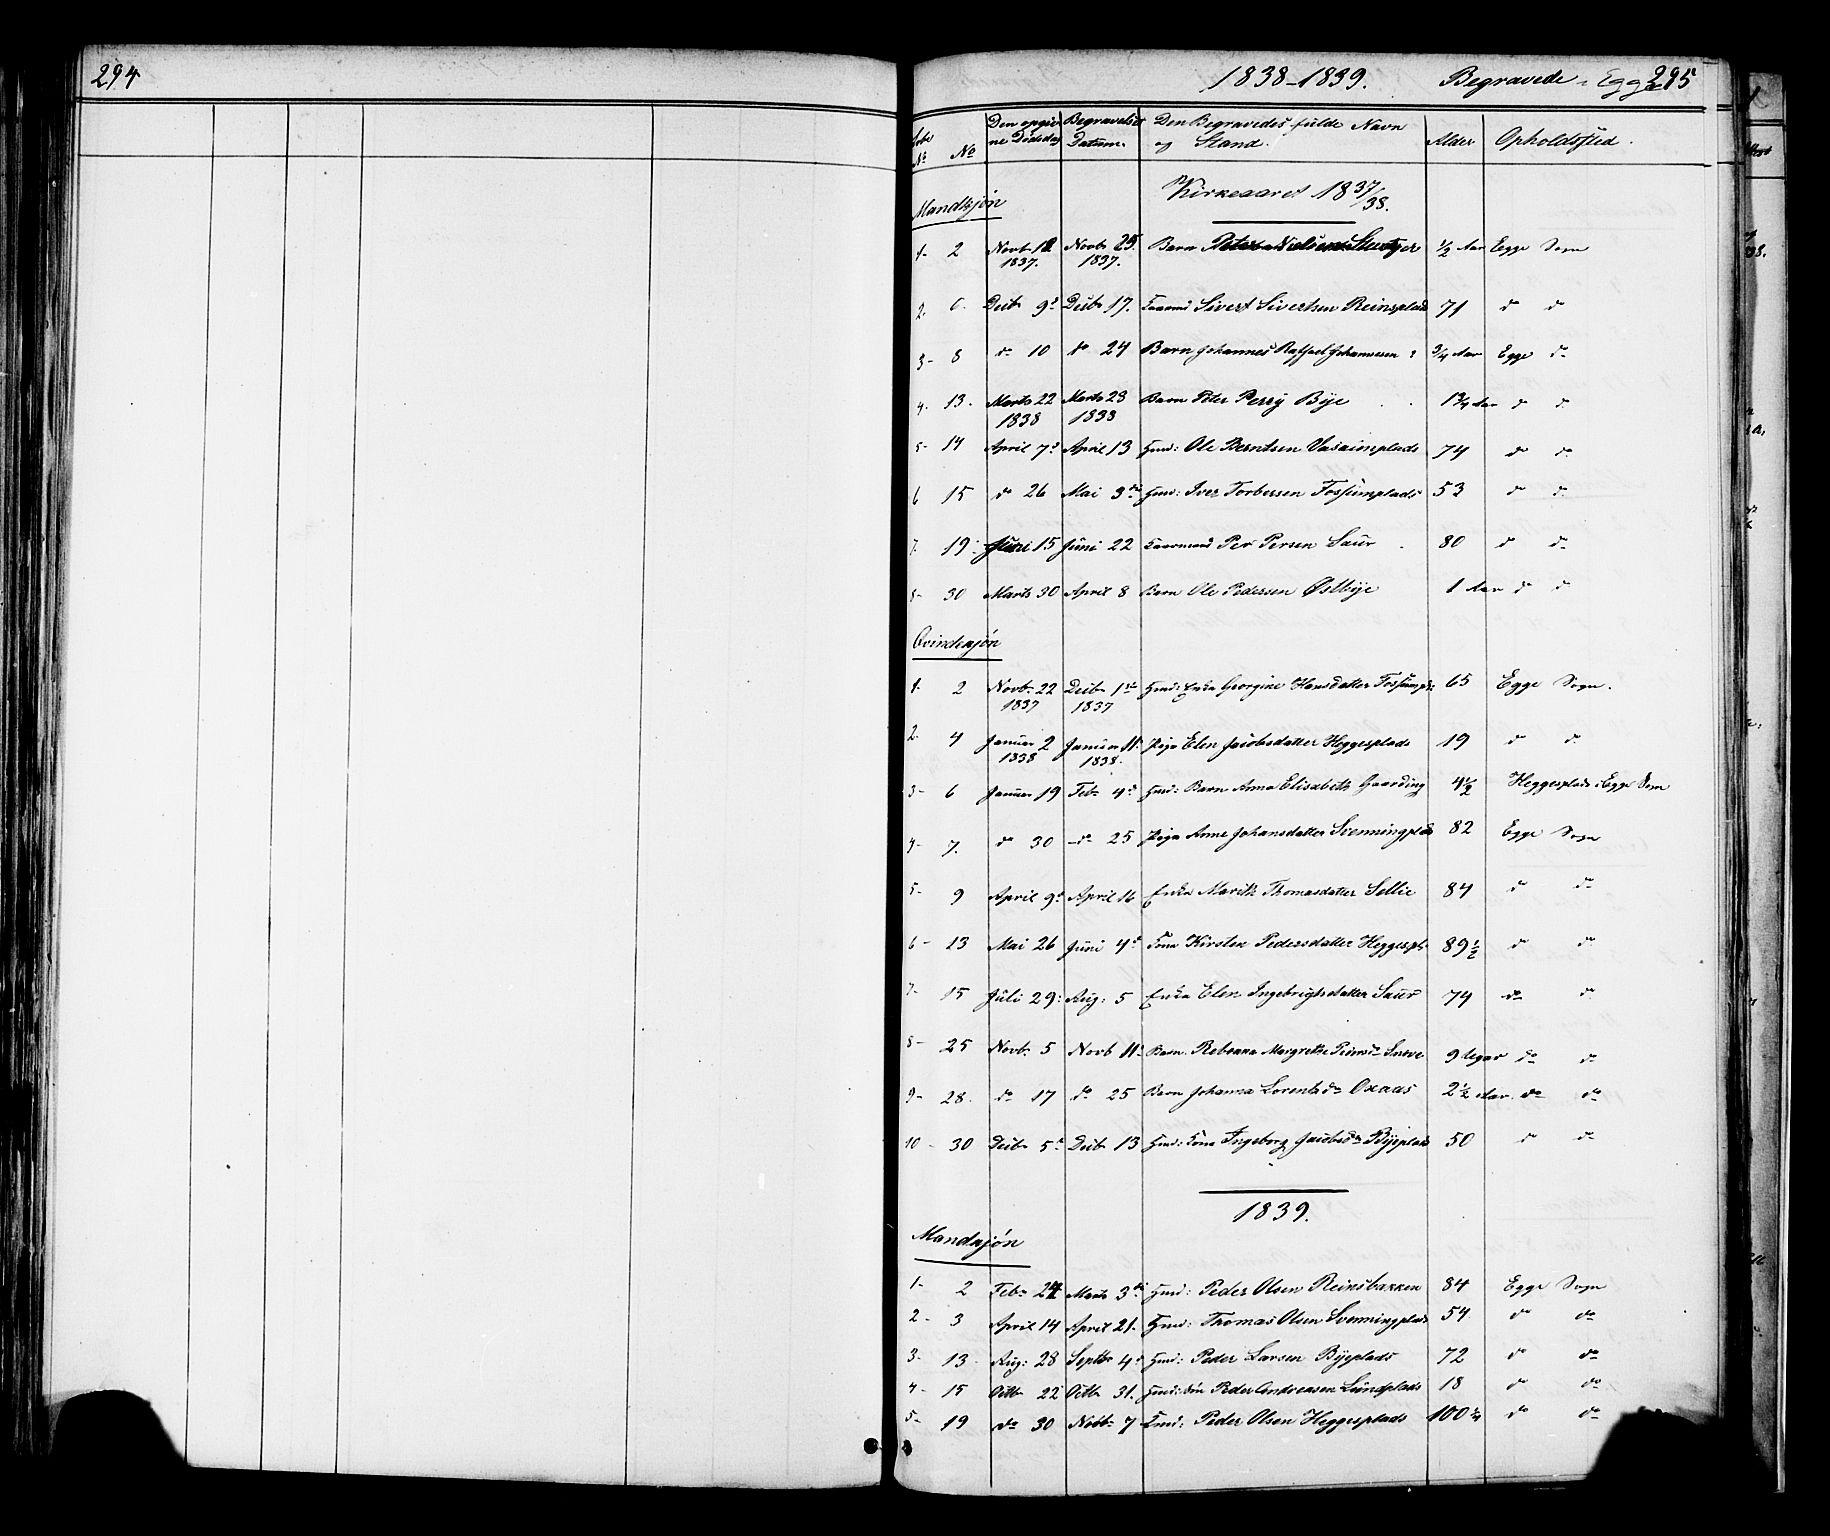 SAT, Ministerialprotokoller, klokkerbøker og fødselsregistre - Nord-Trøndelag, 739/L0367: Ministerialbok nr. 739A01 /3, 1838-1868, s. 294-295